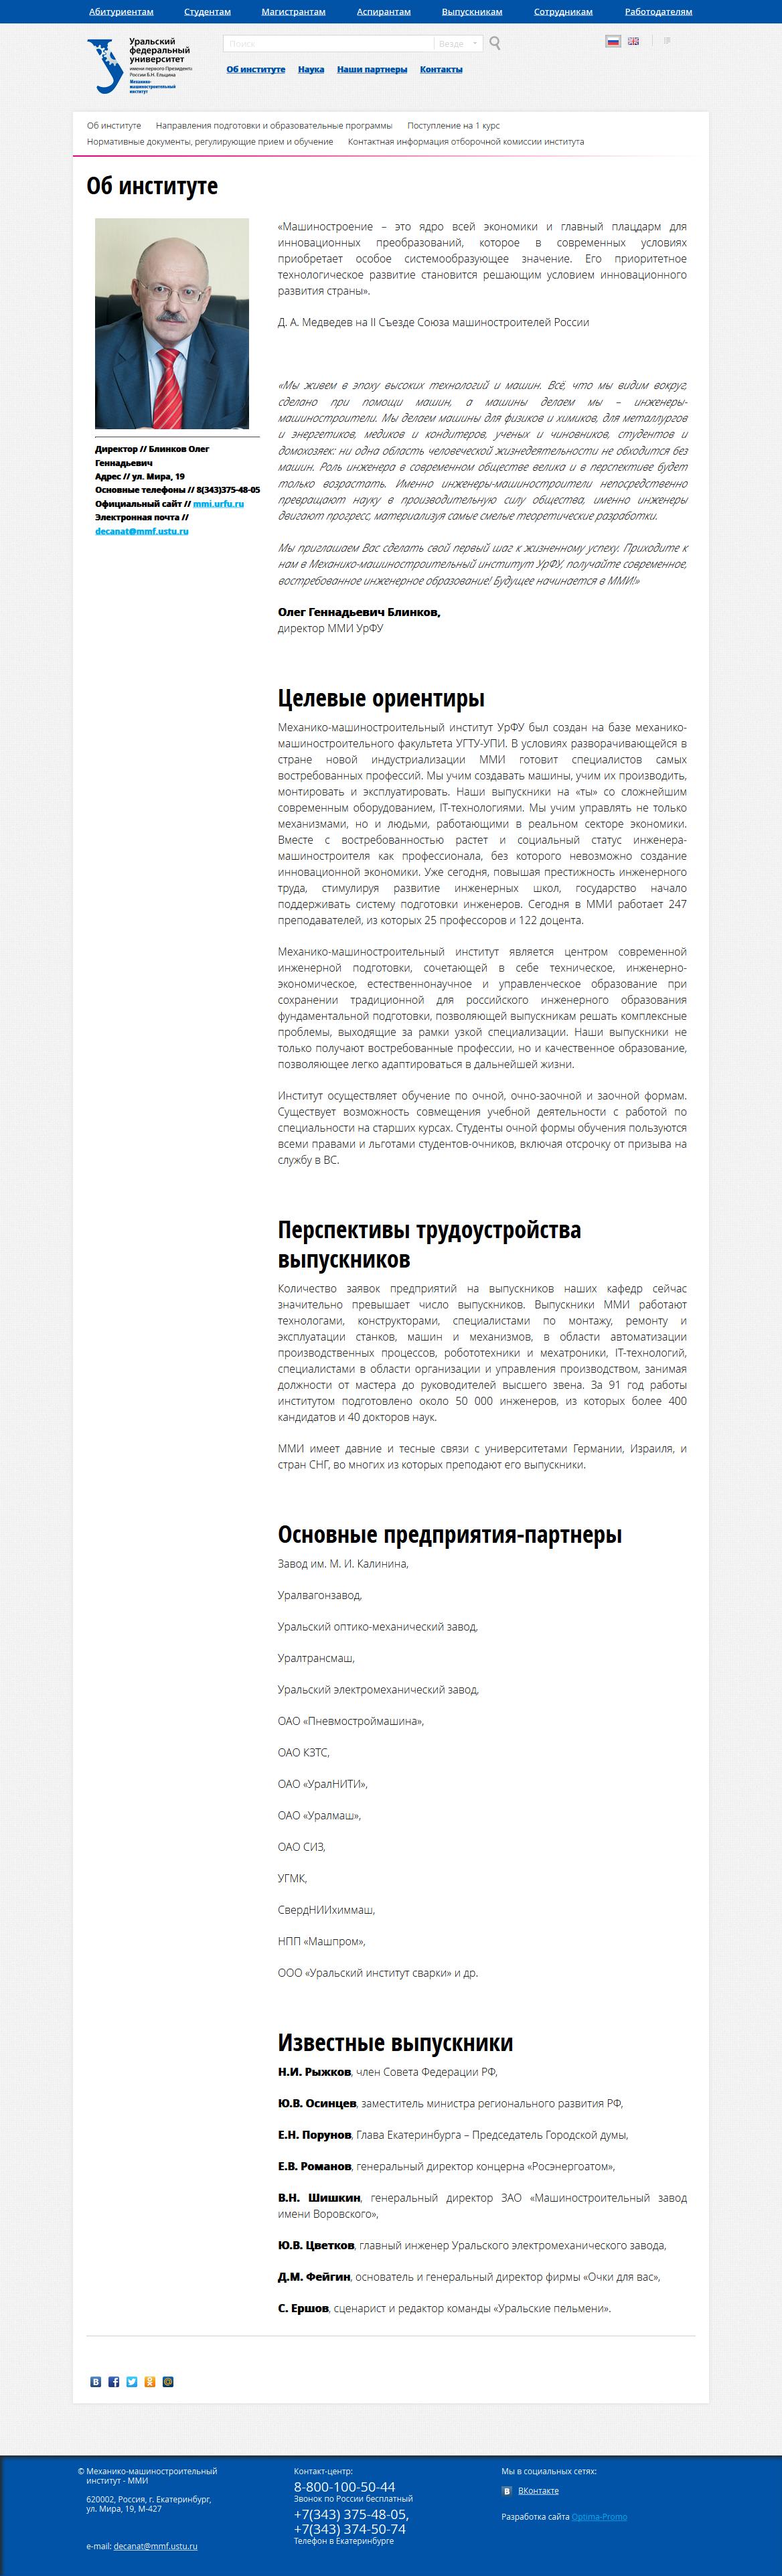 Разработан сайт для Уральского федерального университета